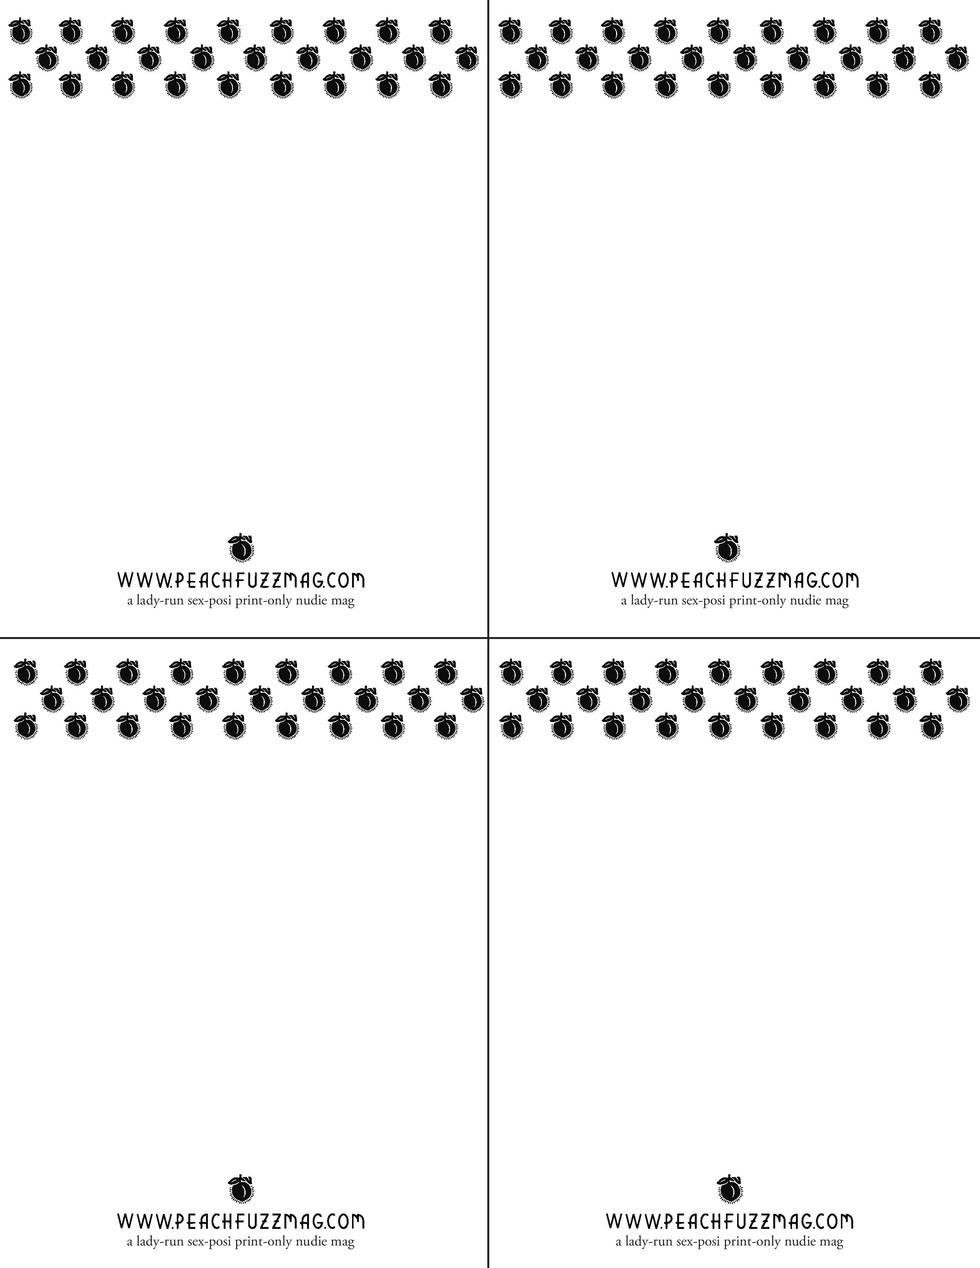 blankvalentines-page-001.jpg